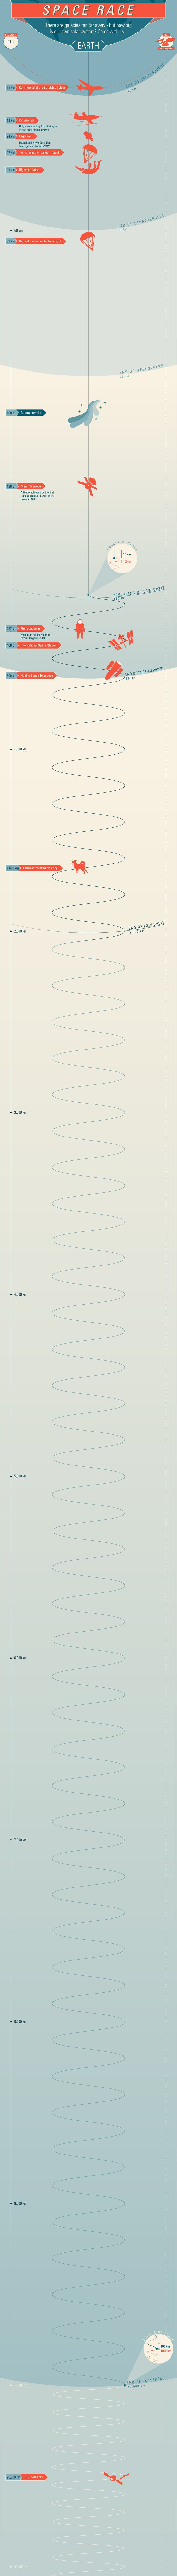 Space Race / Dataviz / l'infographie qui vous permettra de comprendre que Felix Baumgartner n'a pas sauté de l'espace, mais de la limite de la stratosphère (et que c'était beau!)